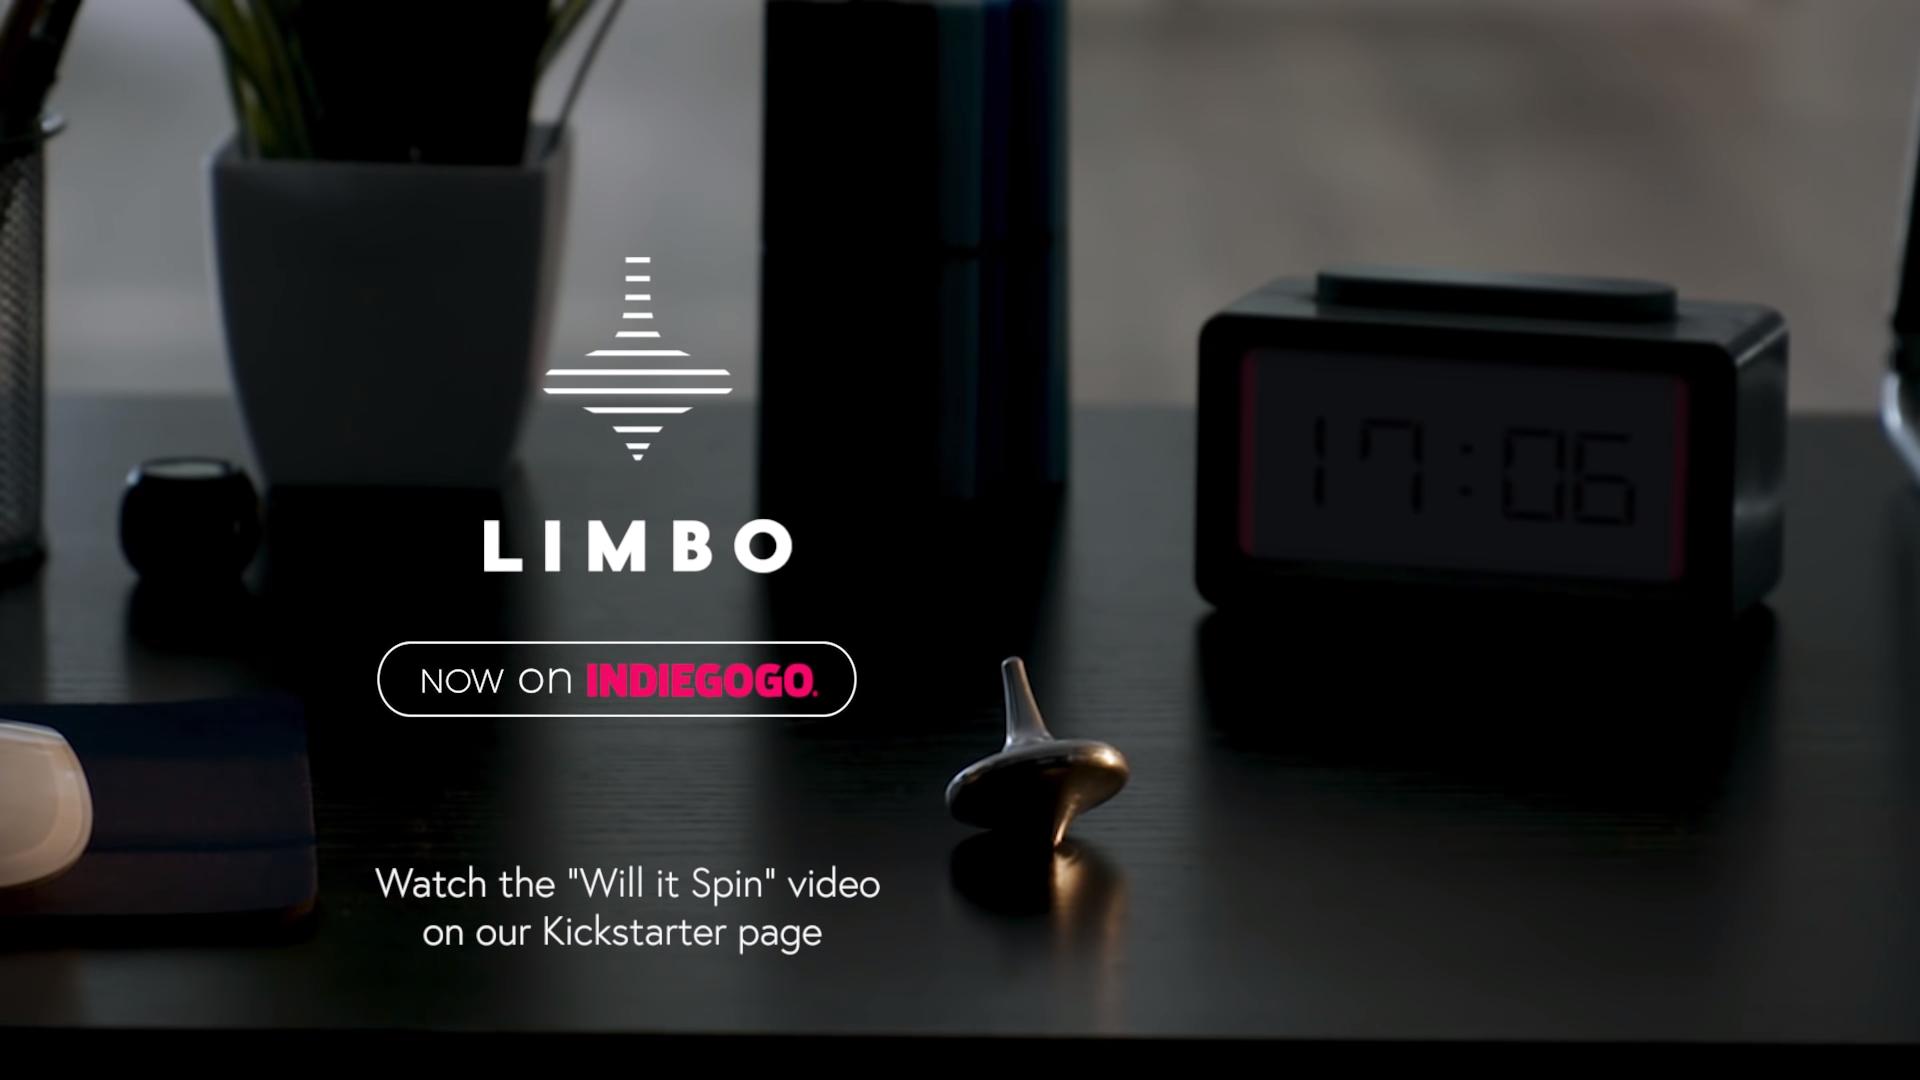 Limbo spin on indiegogo